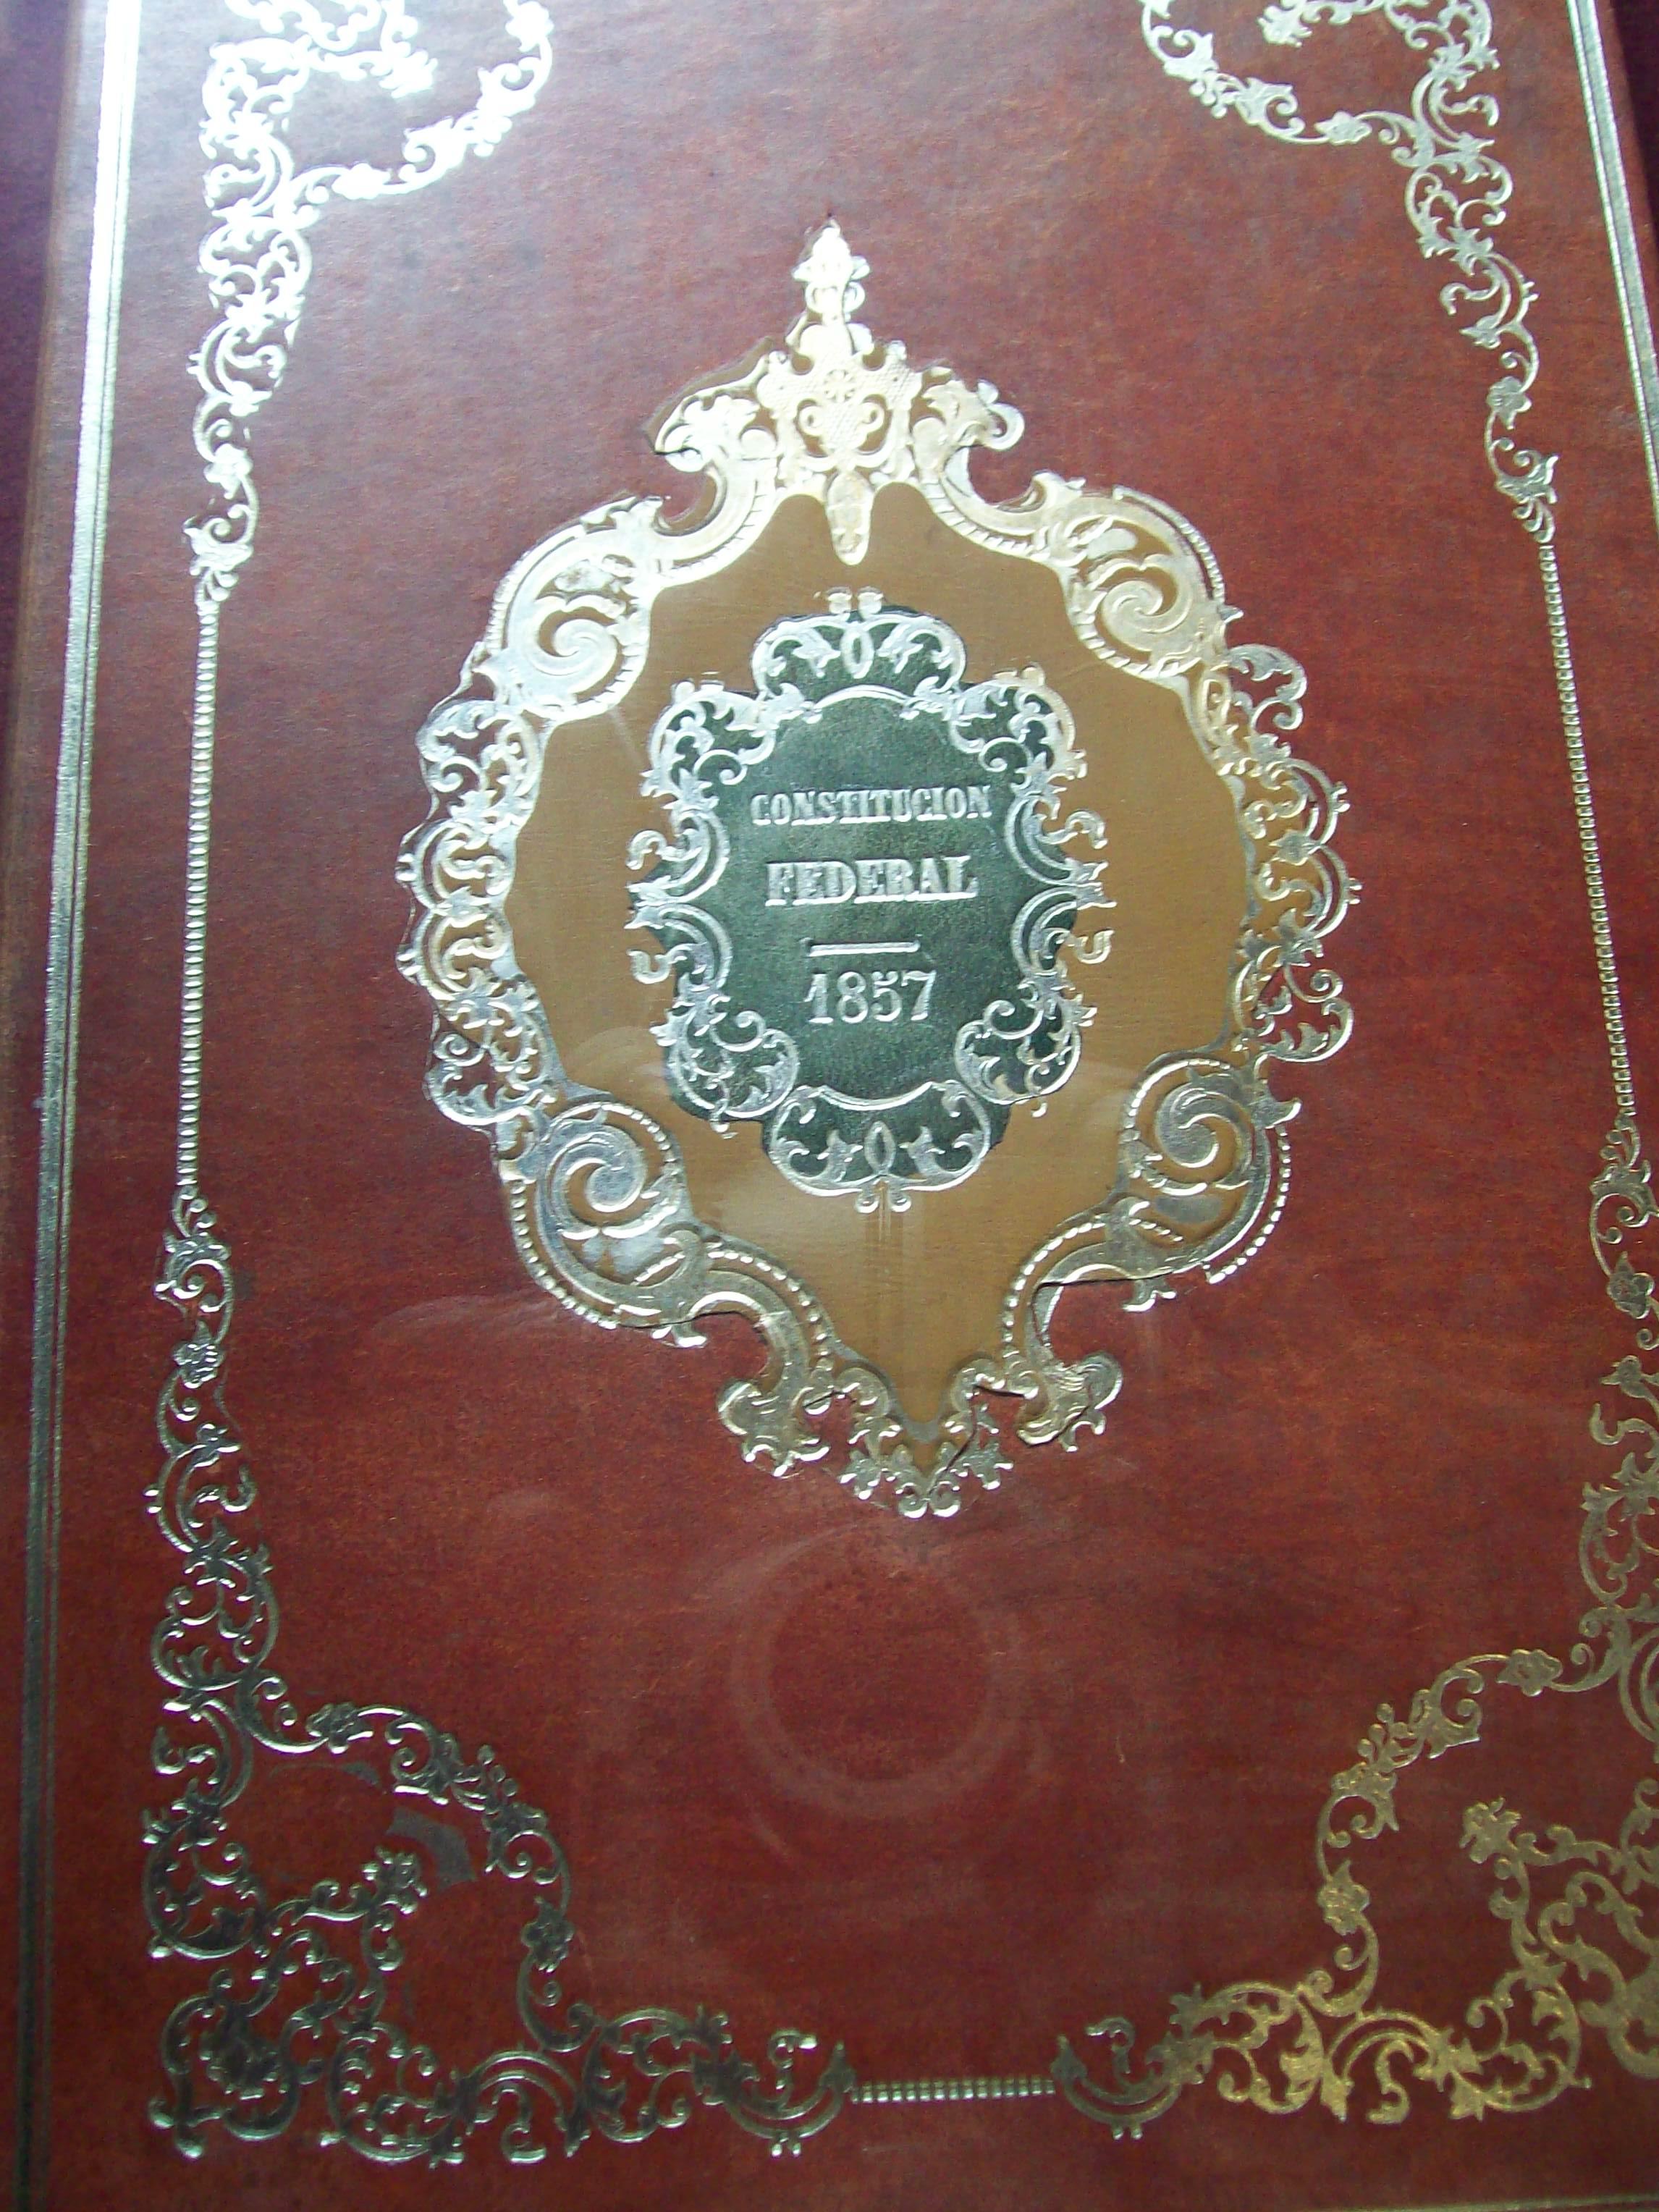 File:Constitución de 1857.jpg - Wikimedia Commons